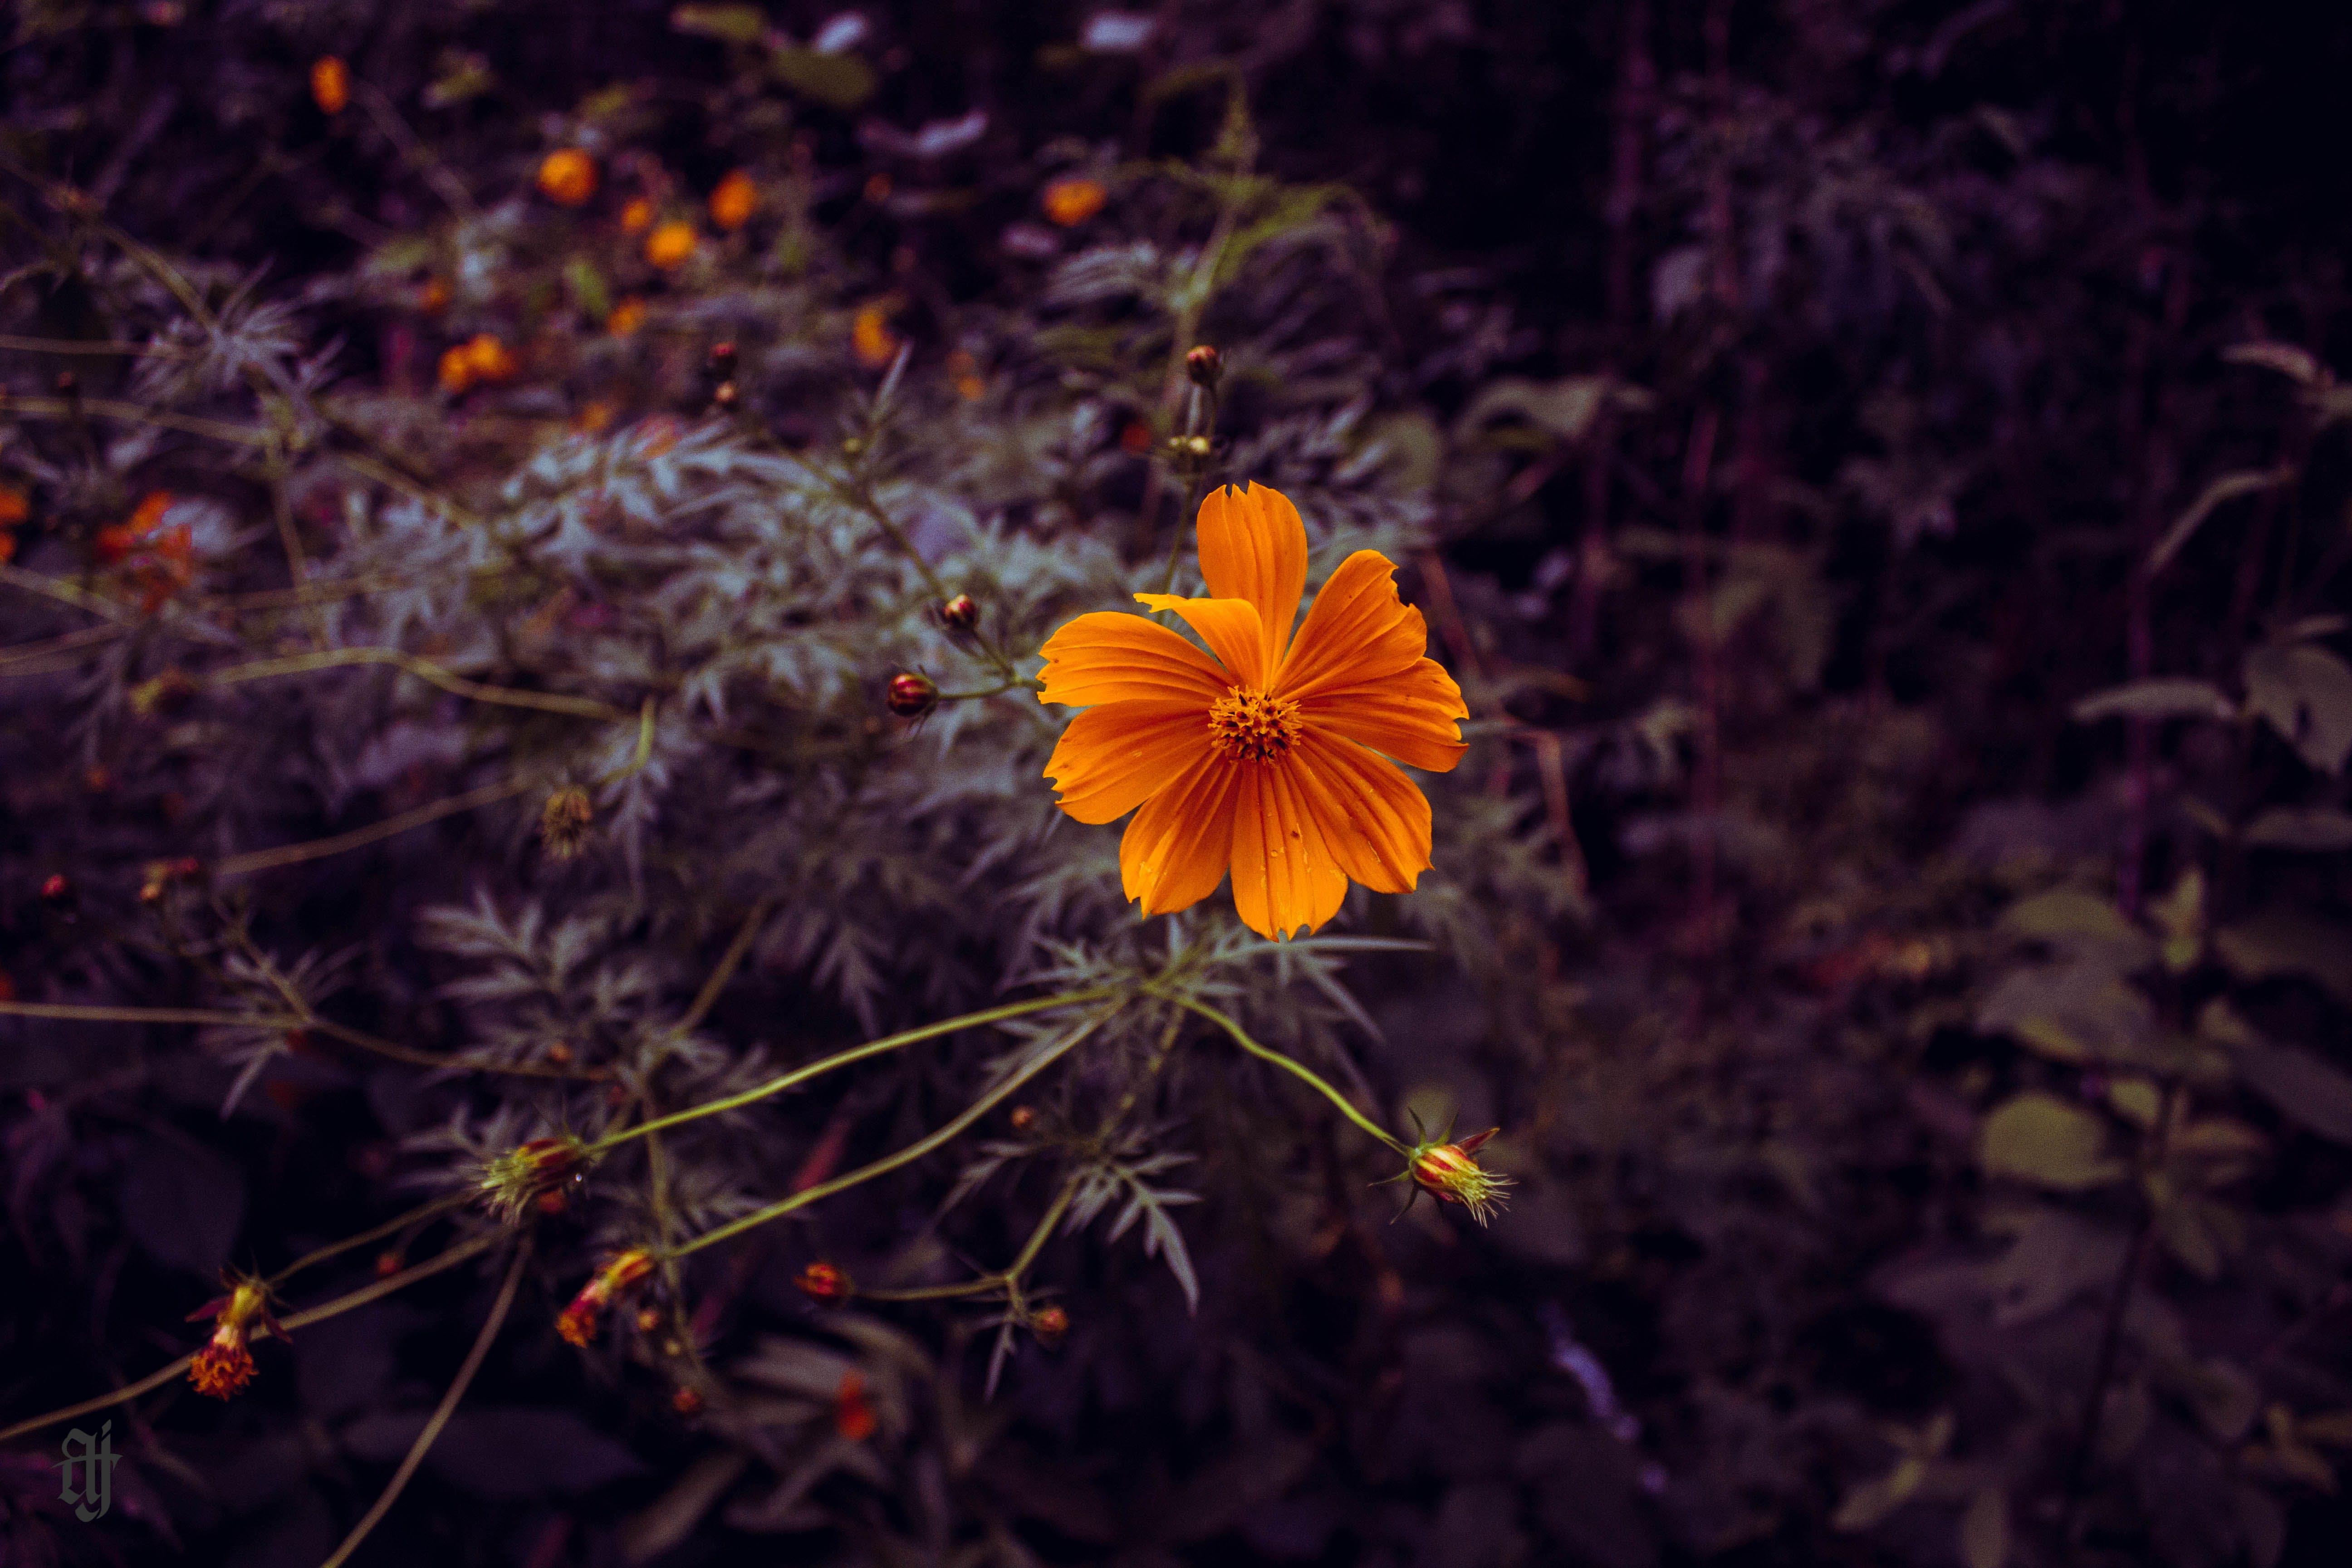 Ảnh lưu trữ miễn phí về cánh hoa, hệ thực vật, lý lịch, màu vàng